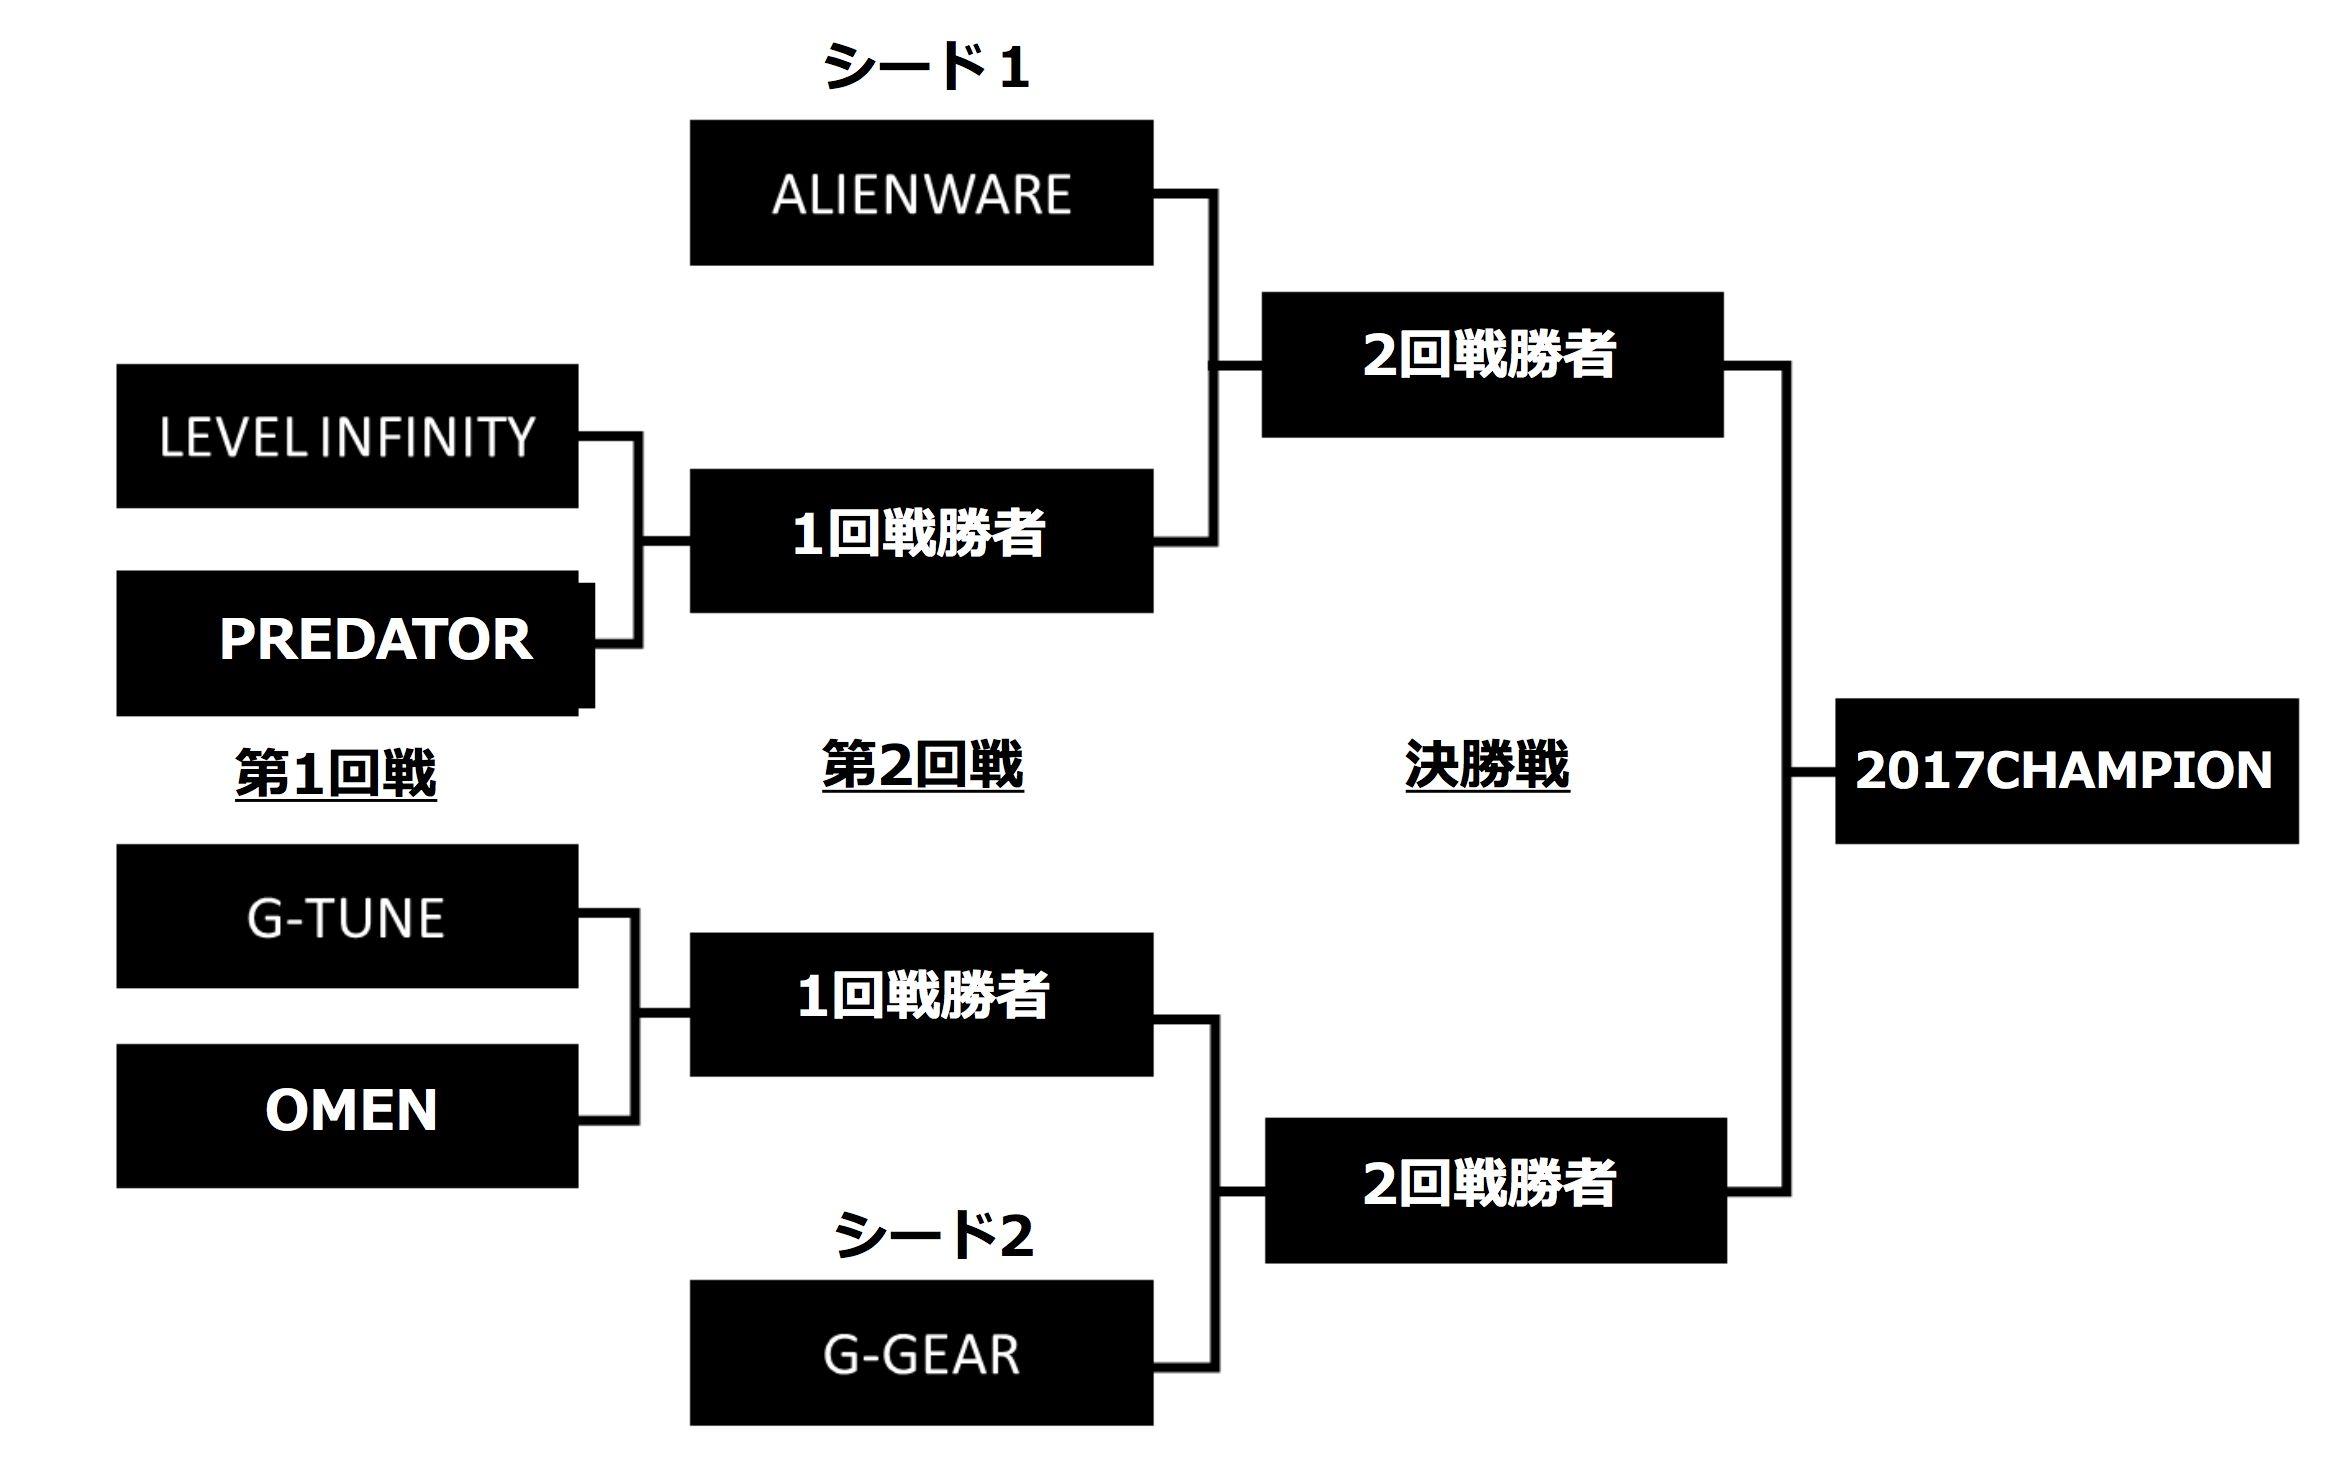 「第三次PCメーカー対抗トーナメント」本戦の組み合わせ。昨年の上位チーム(ALIENWAREおよびG-Gear)はシード扱いとなった